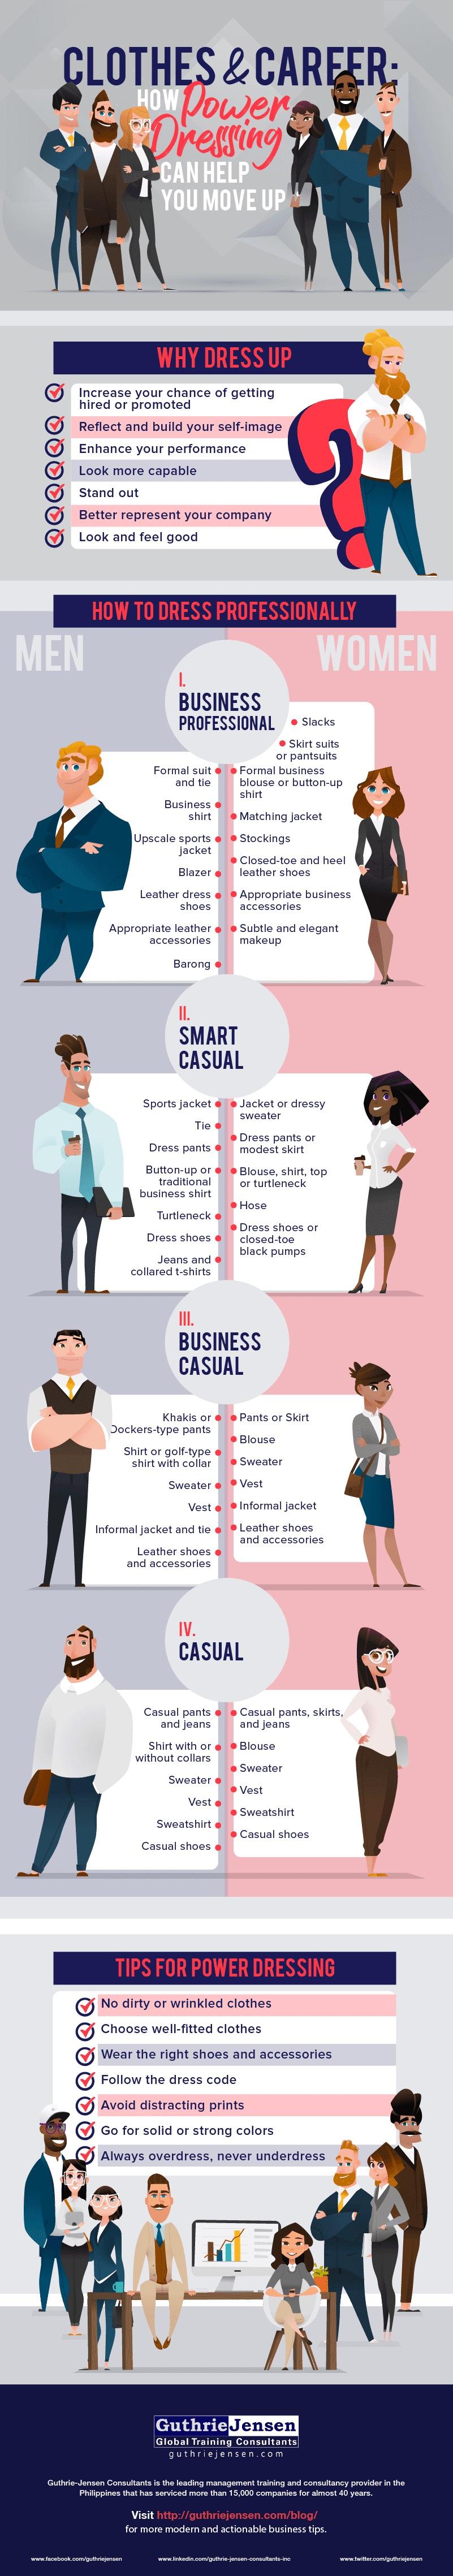 Career Dressing info